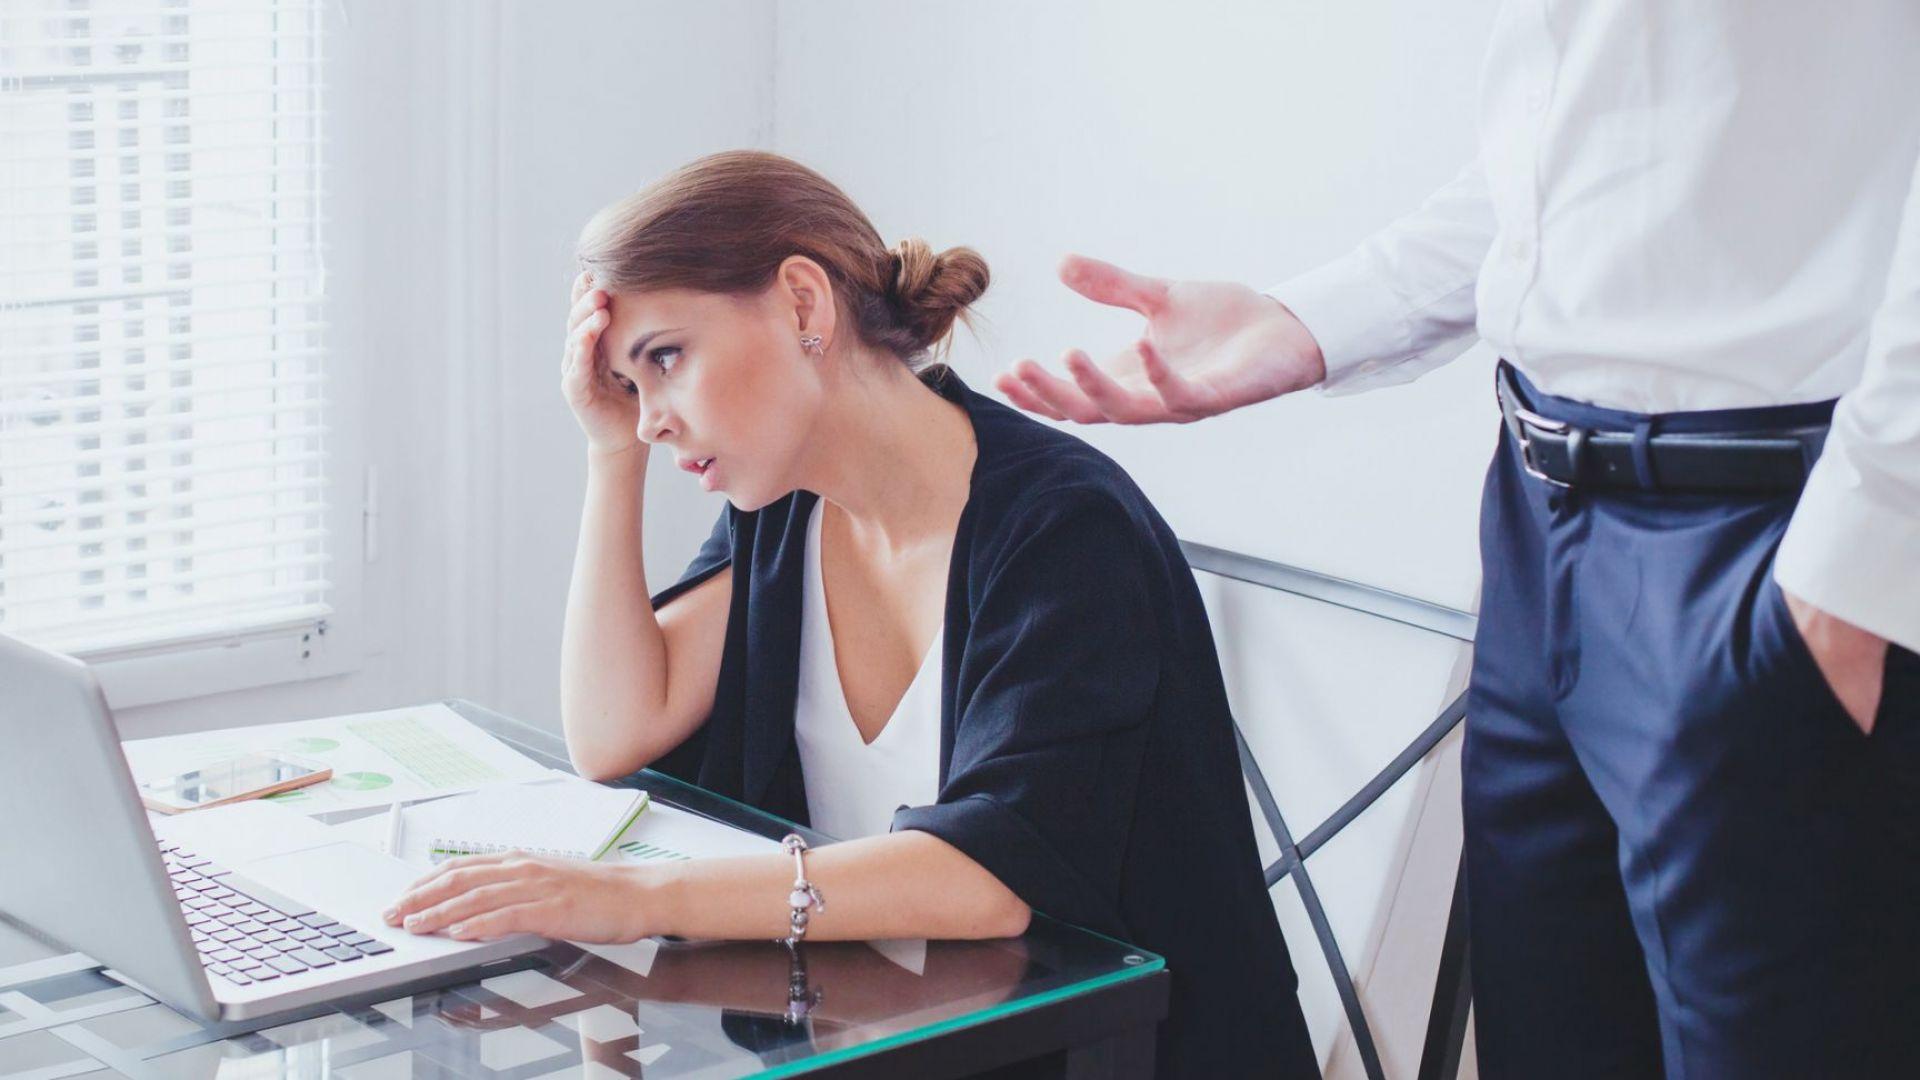 Кои са факторите, създаващи ни работен дискмофорт